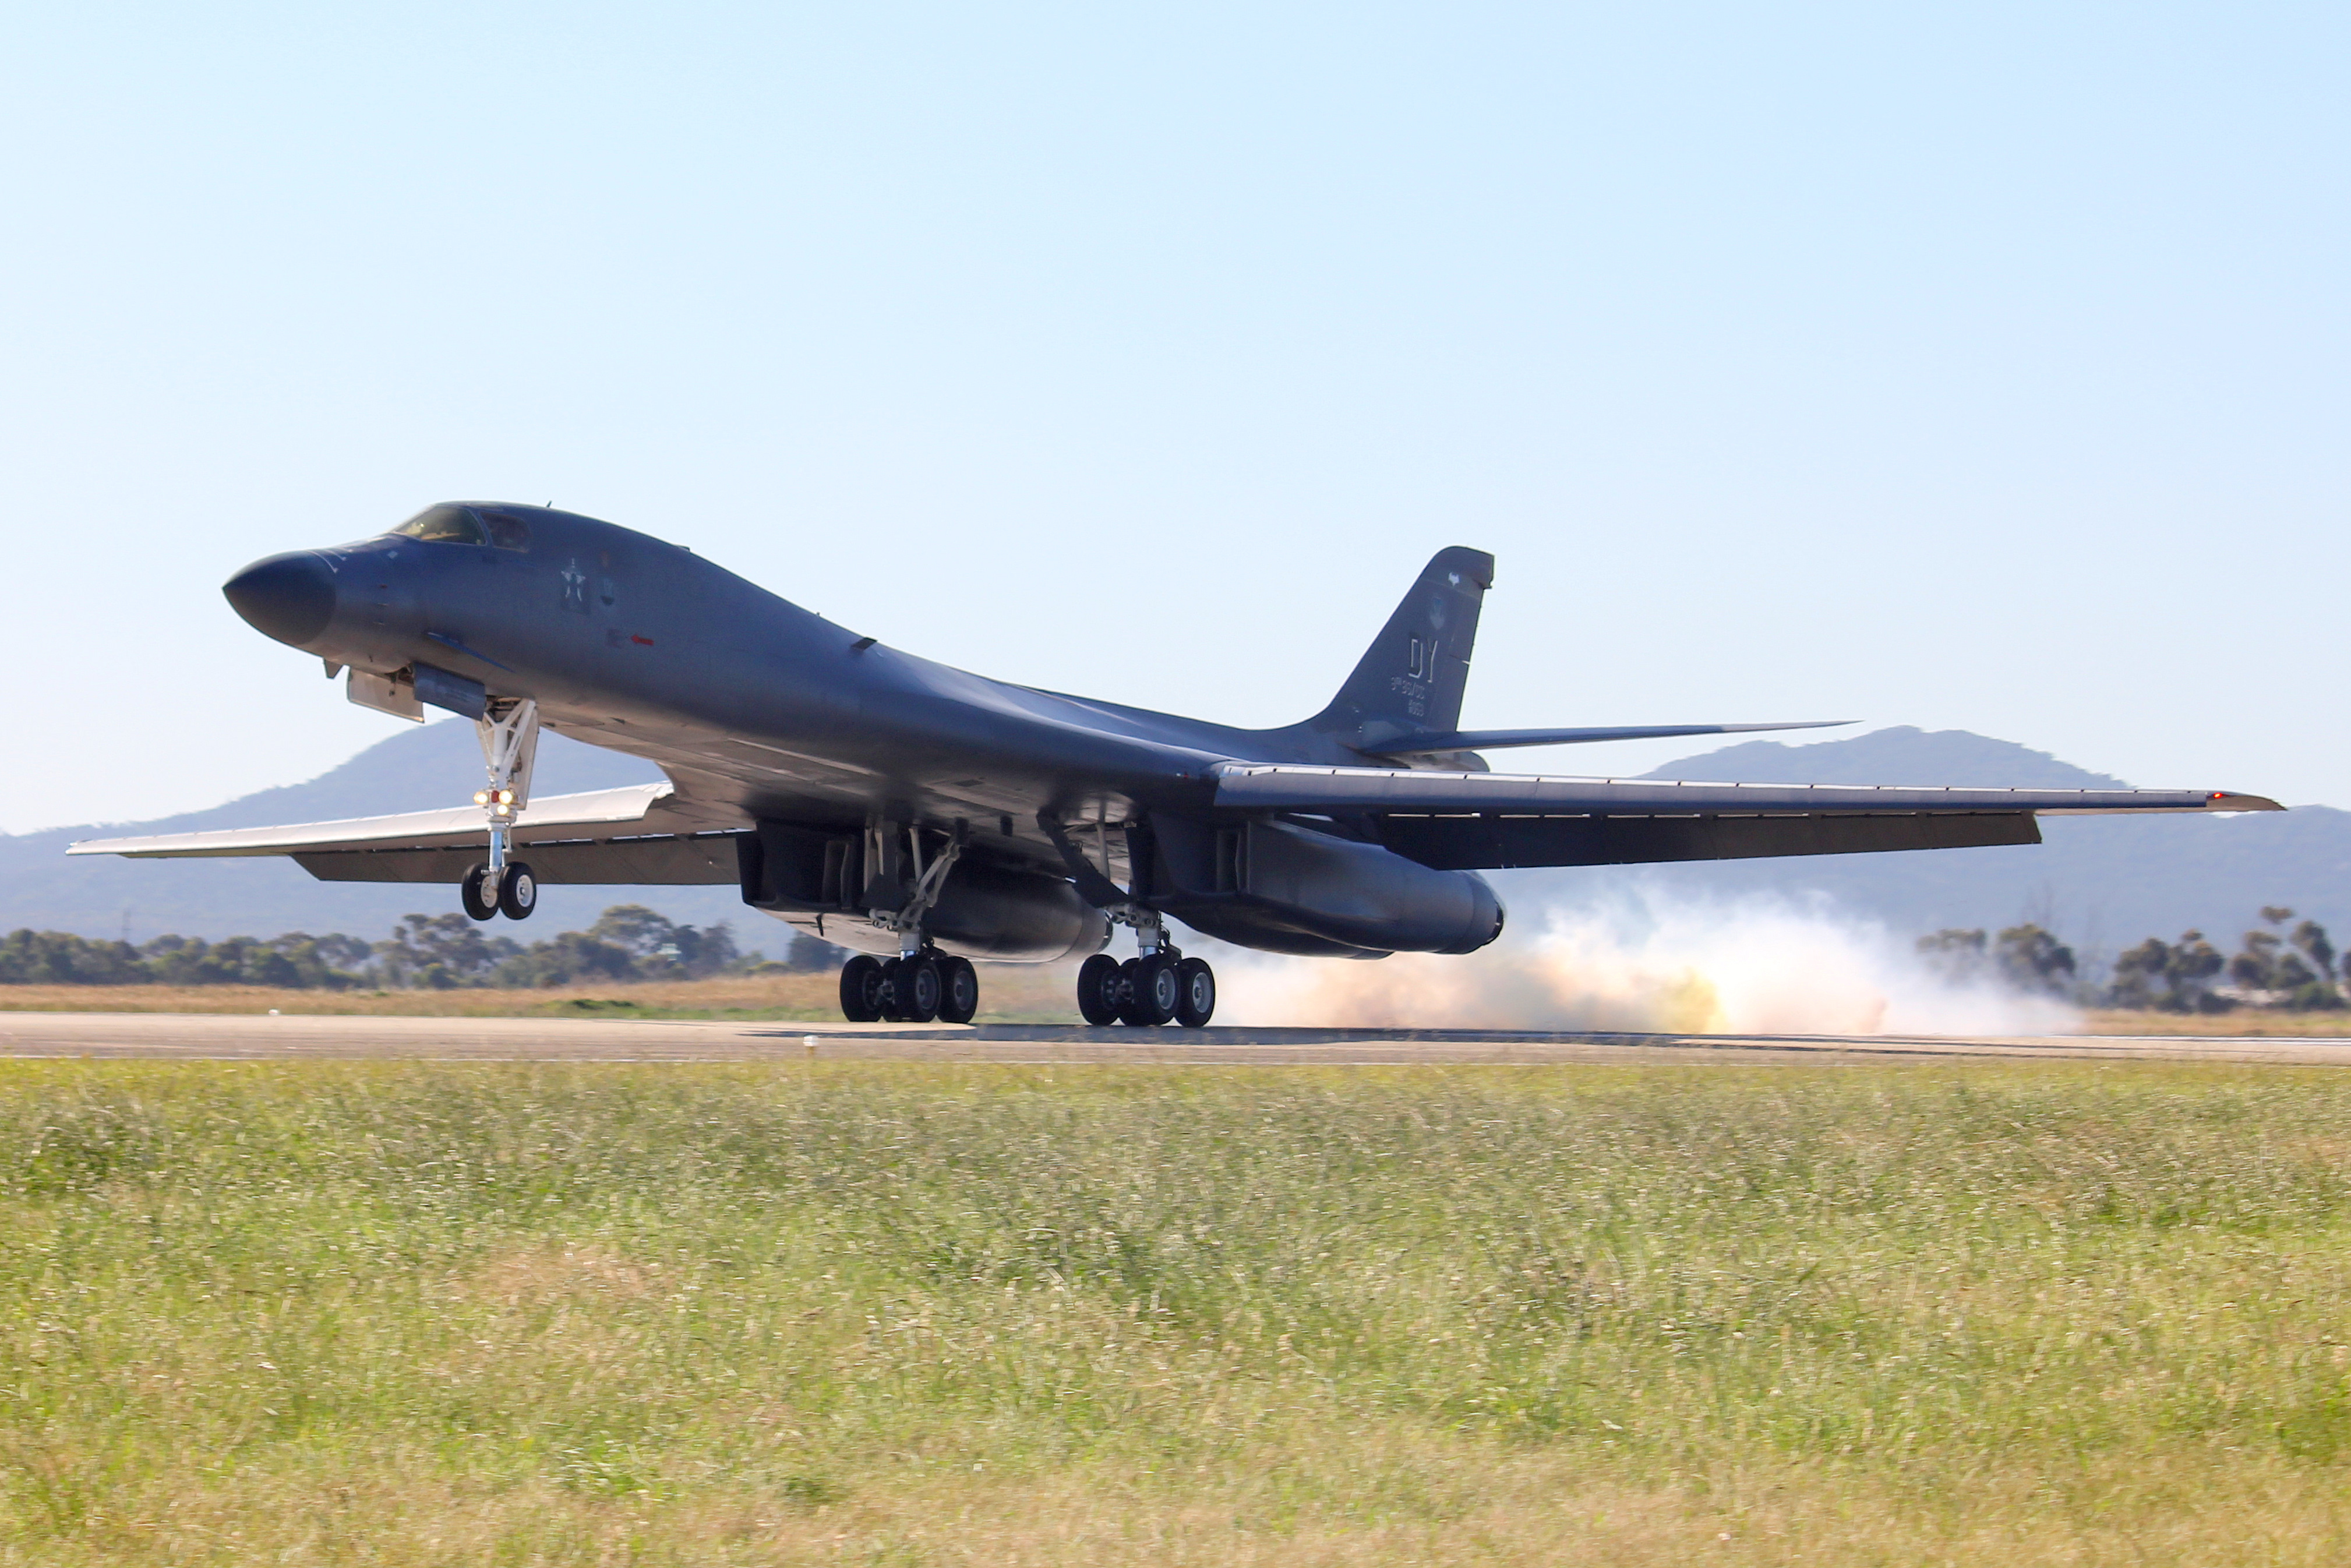 USAF B-1B Lancer (Bone) landing